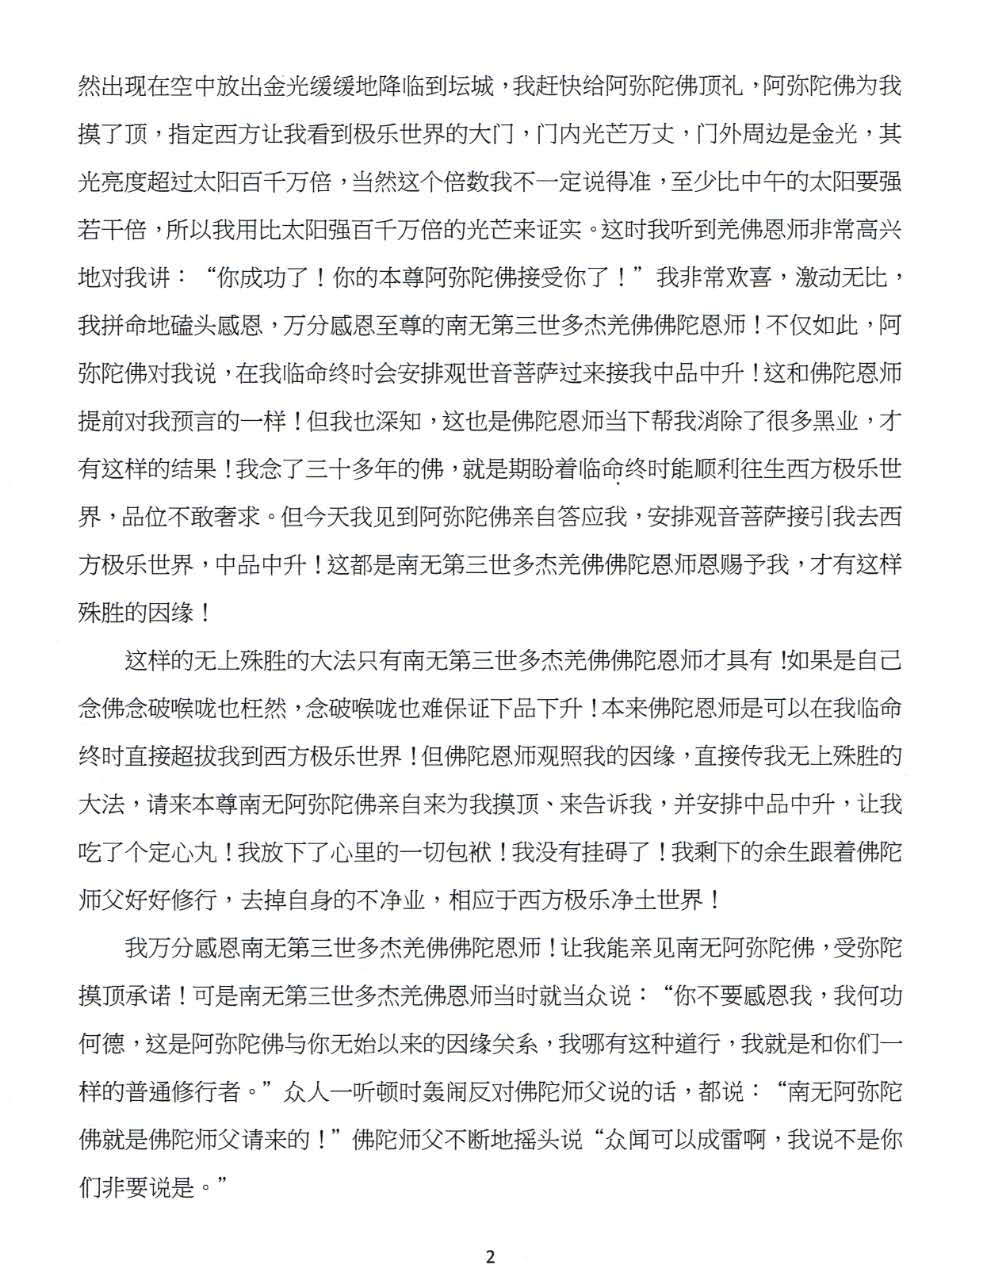 佛弟子赵玉胜接受了南无第三世多杰羌佛的传法 亲见阿弥陀佛保证往生西方极乐世界 第3张